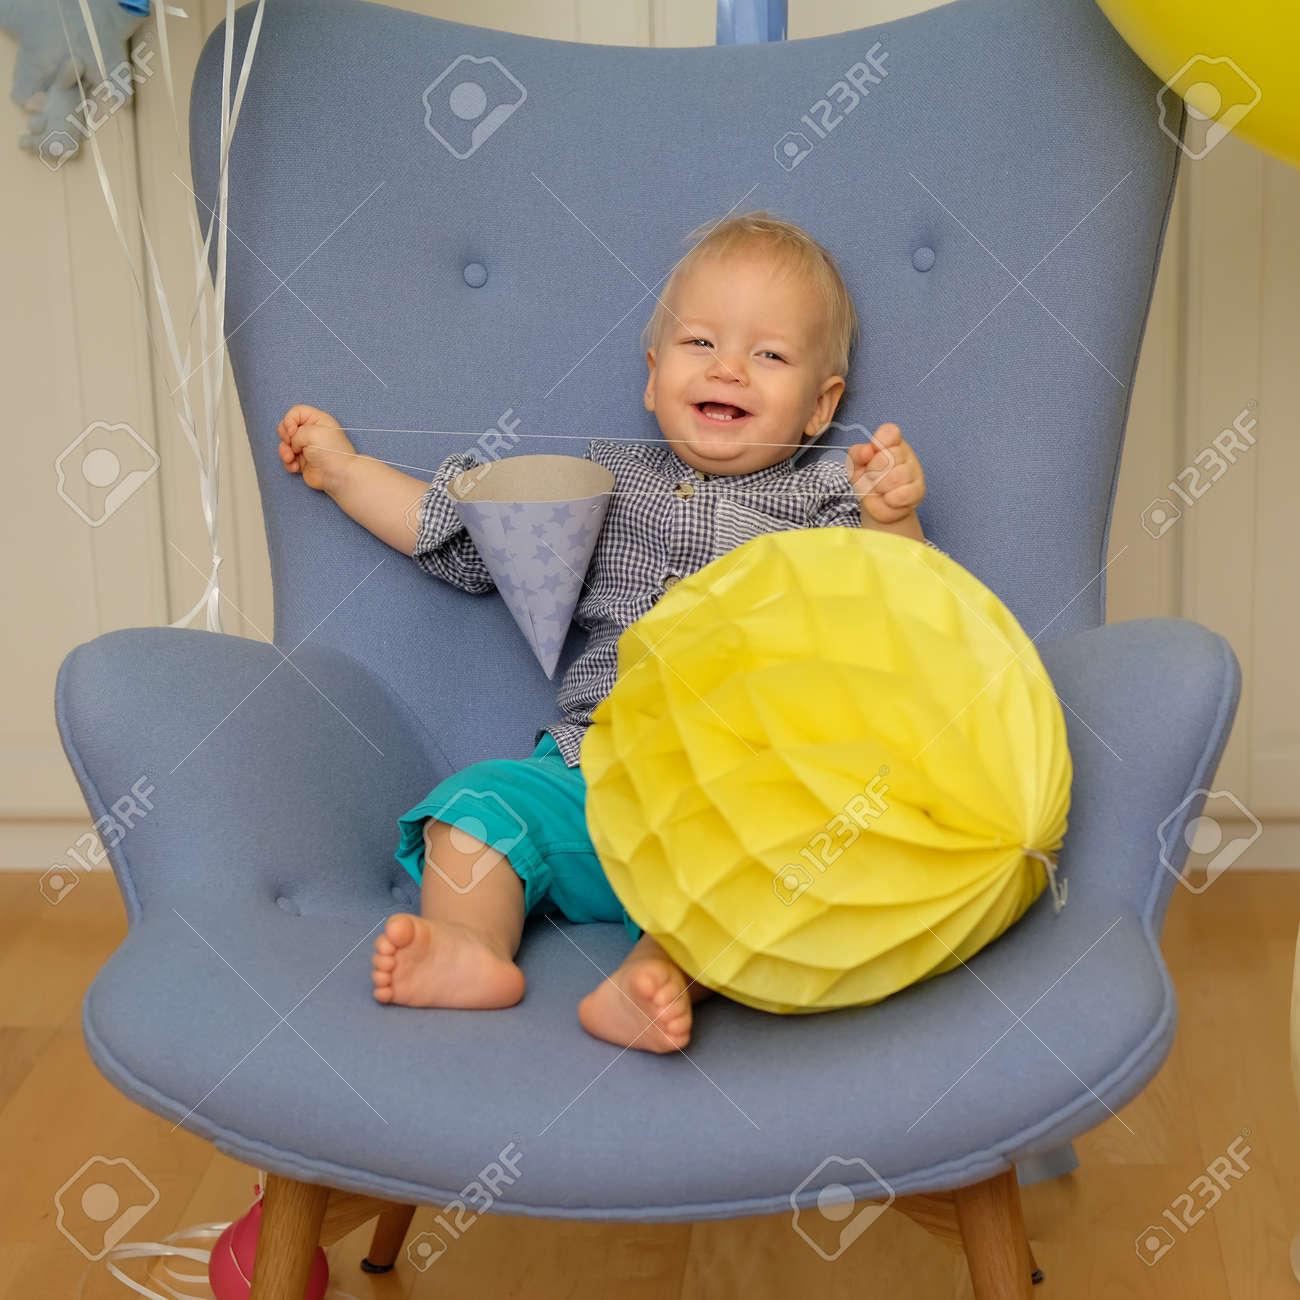 Stuhl Für Baby Kleinkind Kind Baby Jungen Kleinkind Sitzt Auf